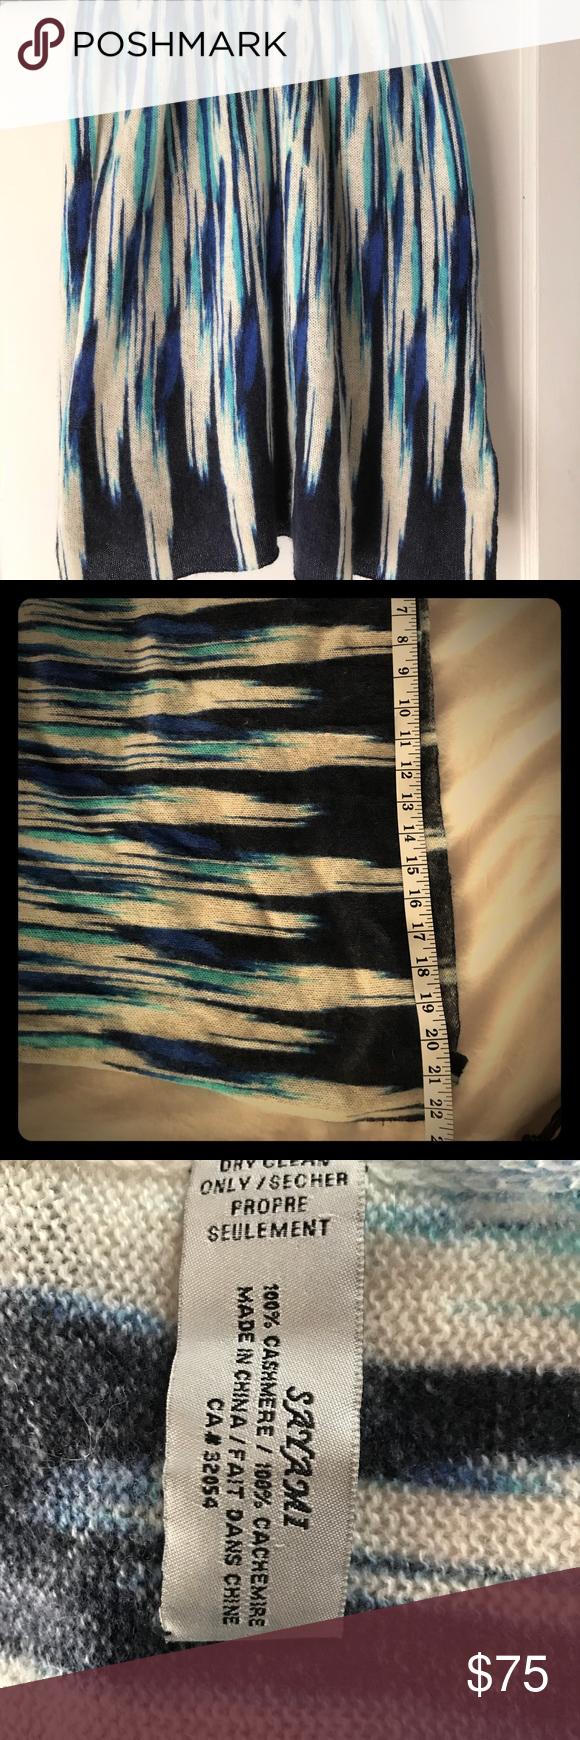 Gorgeous 100 Cashmere Large Wrap Nordstrom Accessories Pretty Colours Cashmere Wrap